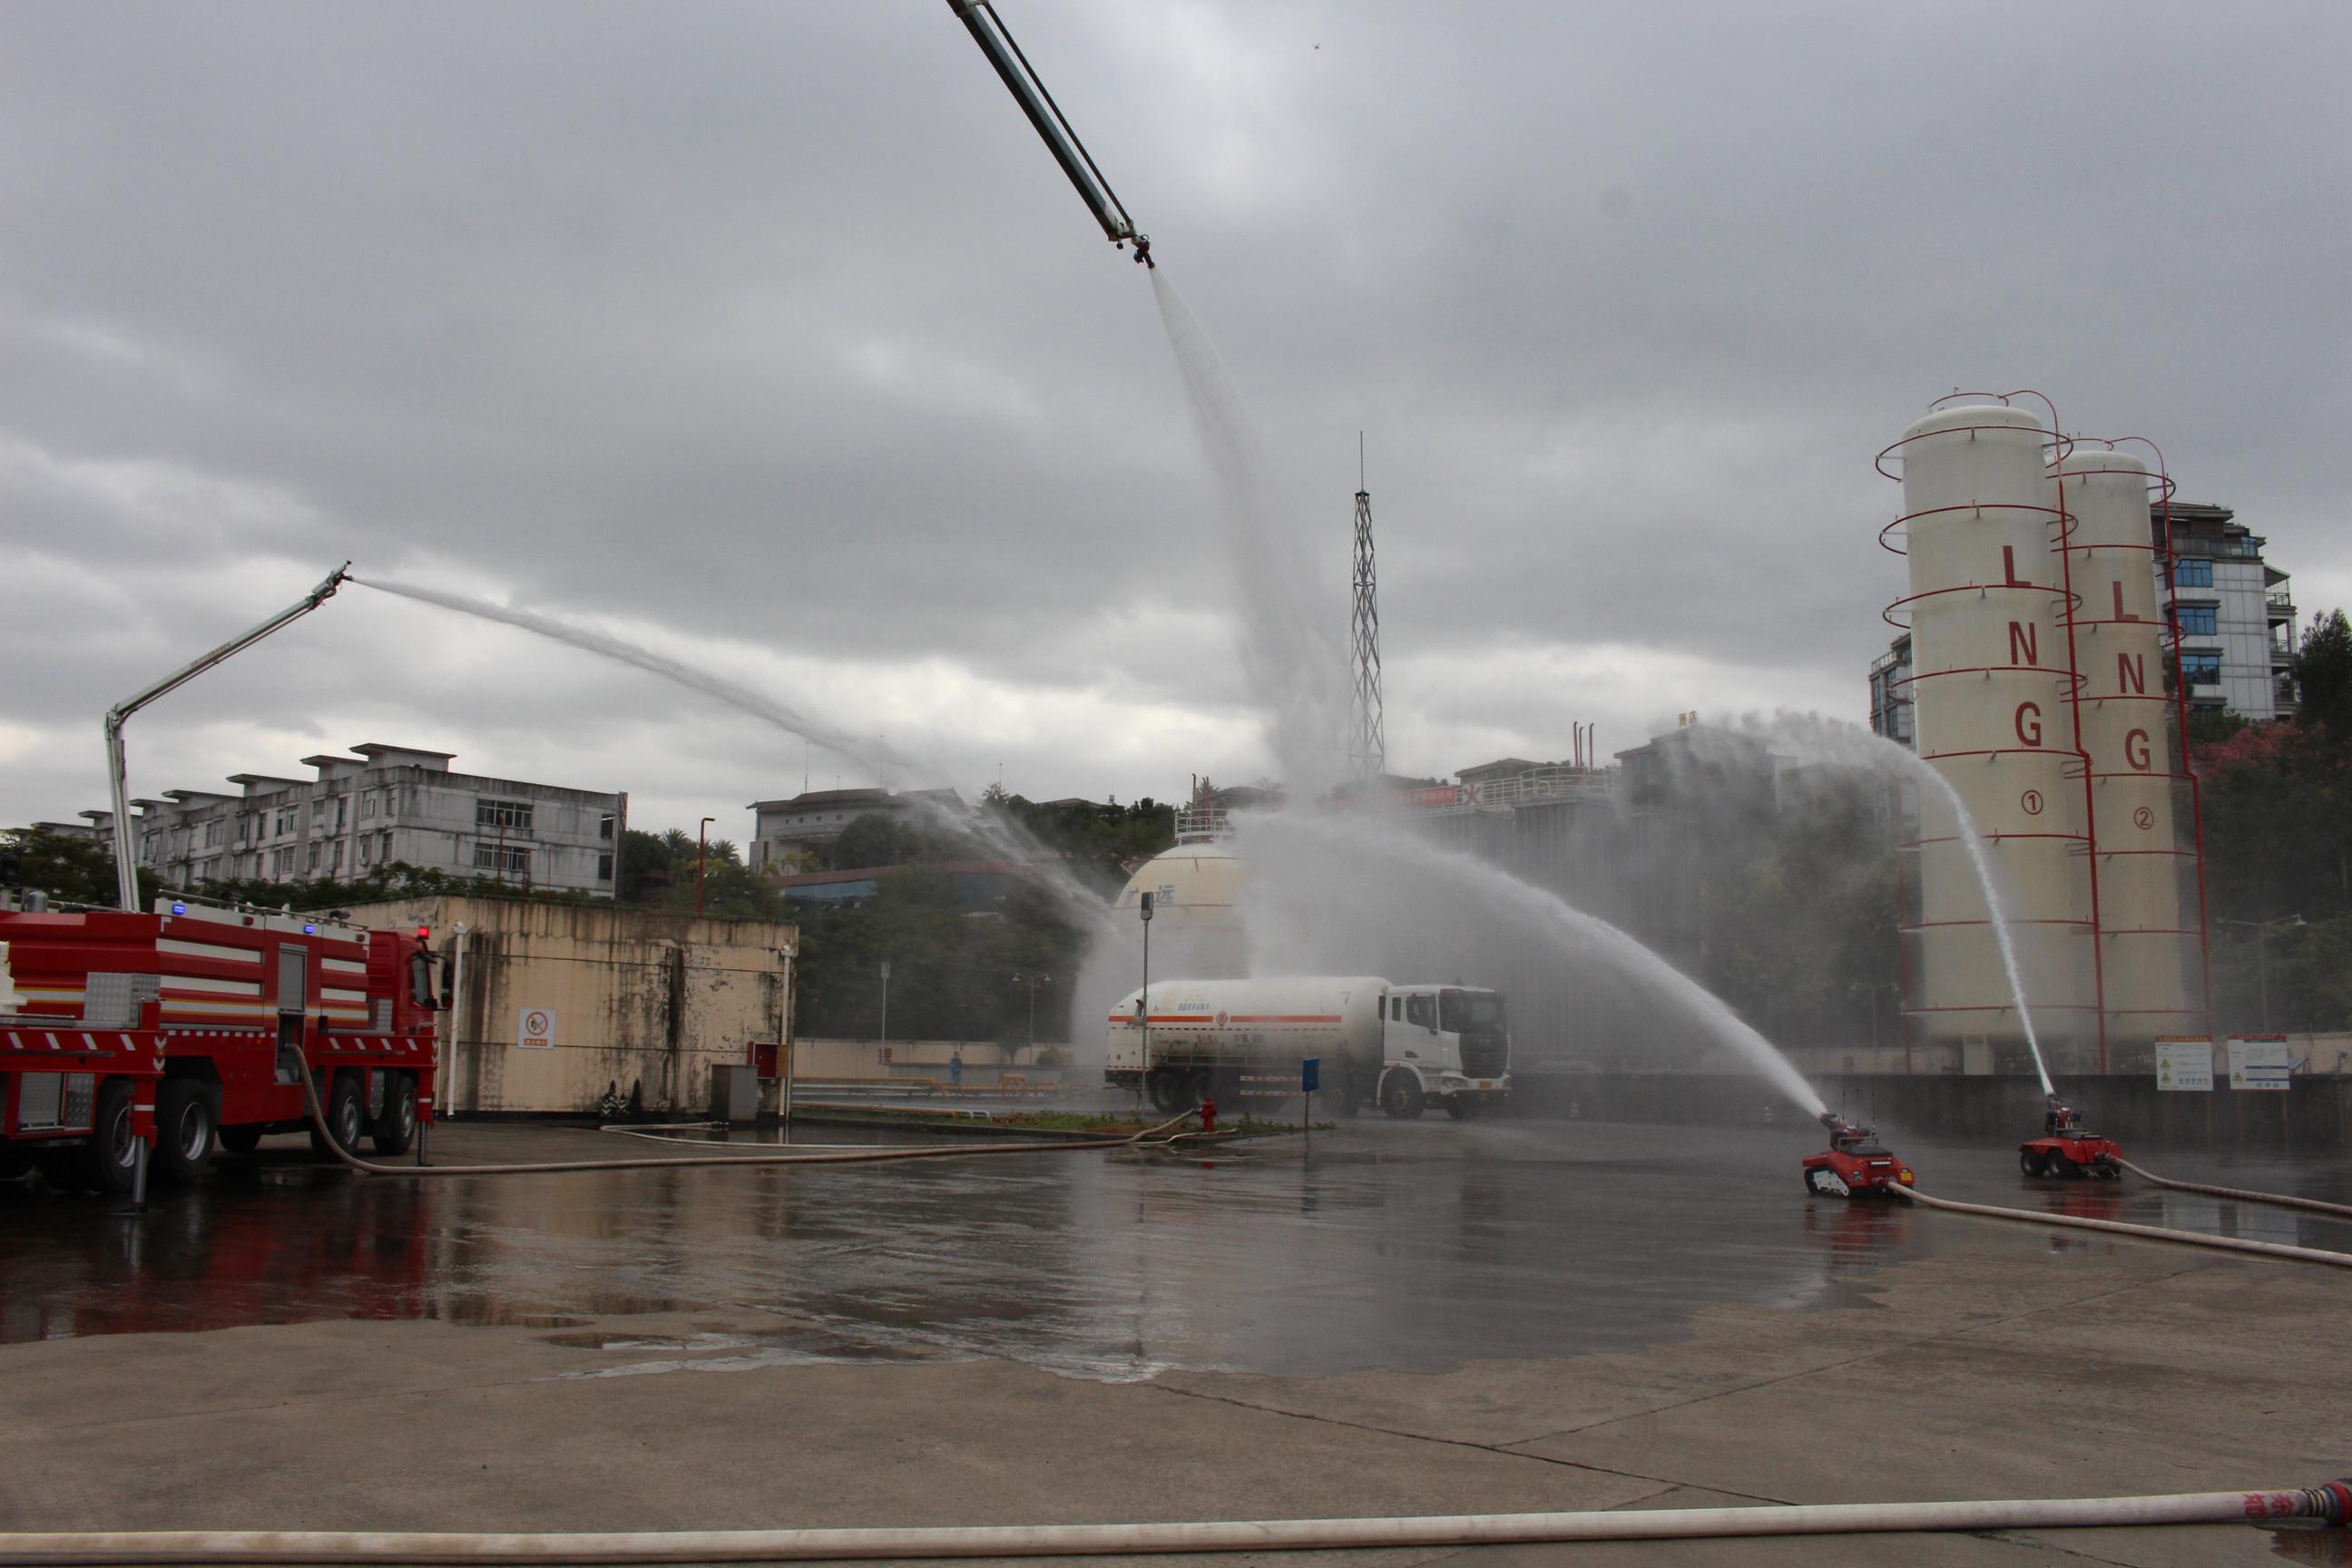 7、消防车和消防机器人在灭火.JPG